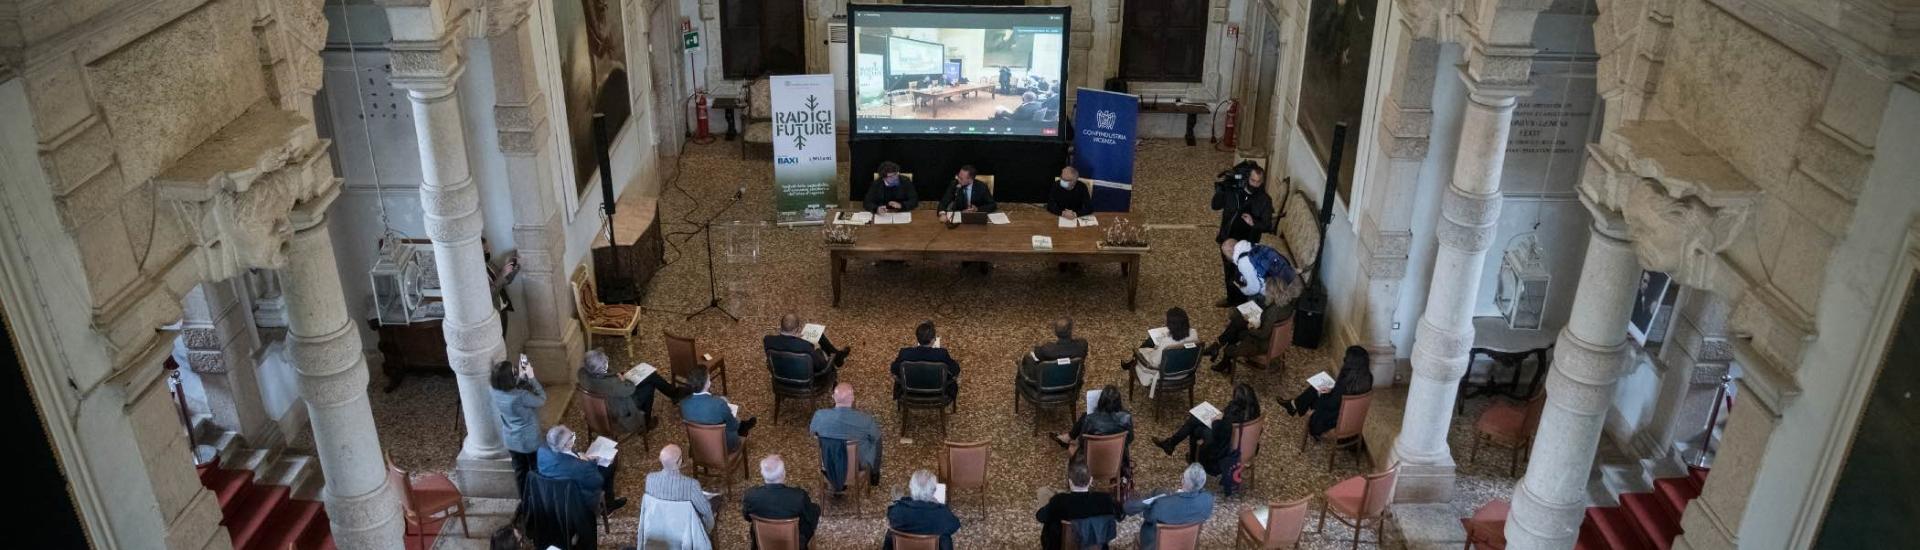 """immagine in evidenza dell'articolo riguardo la conferenza stampa di presentazione del progetto """"Radici Future 2030"""""""